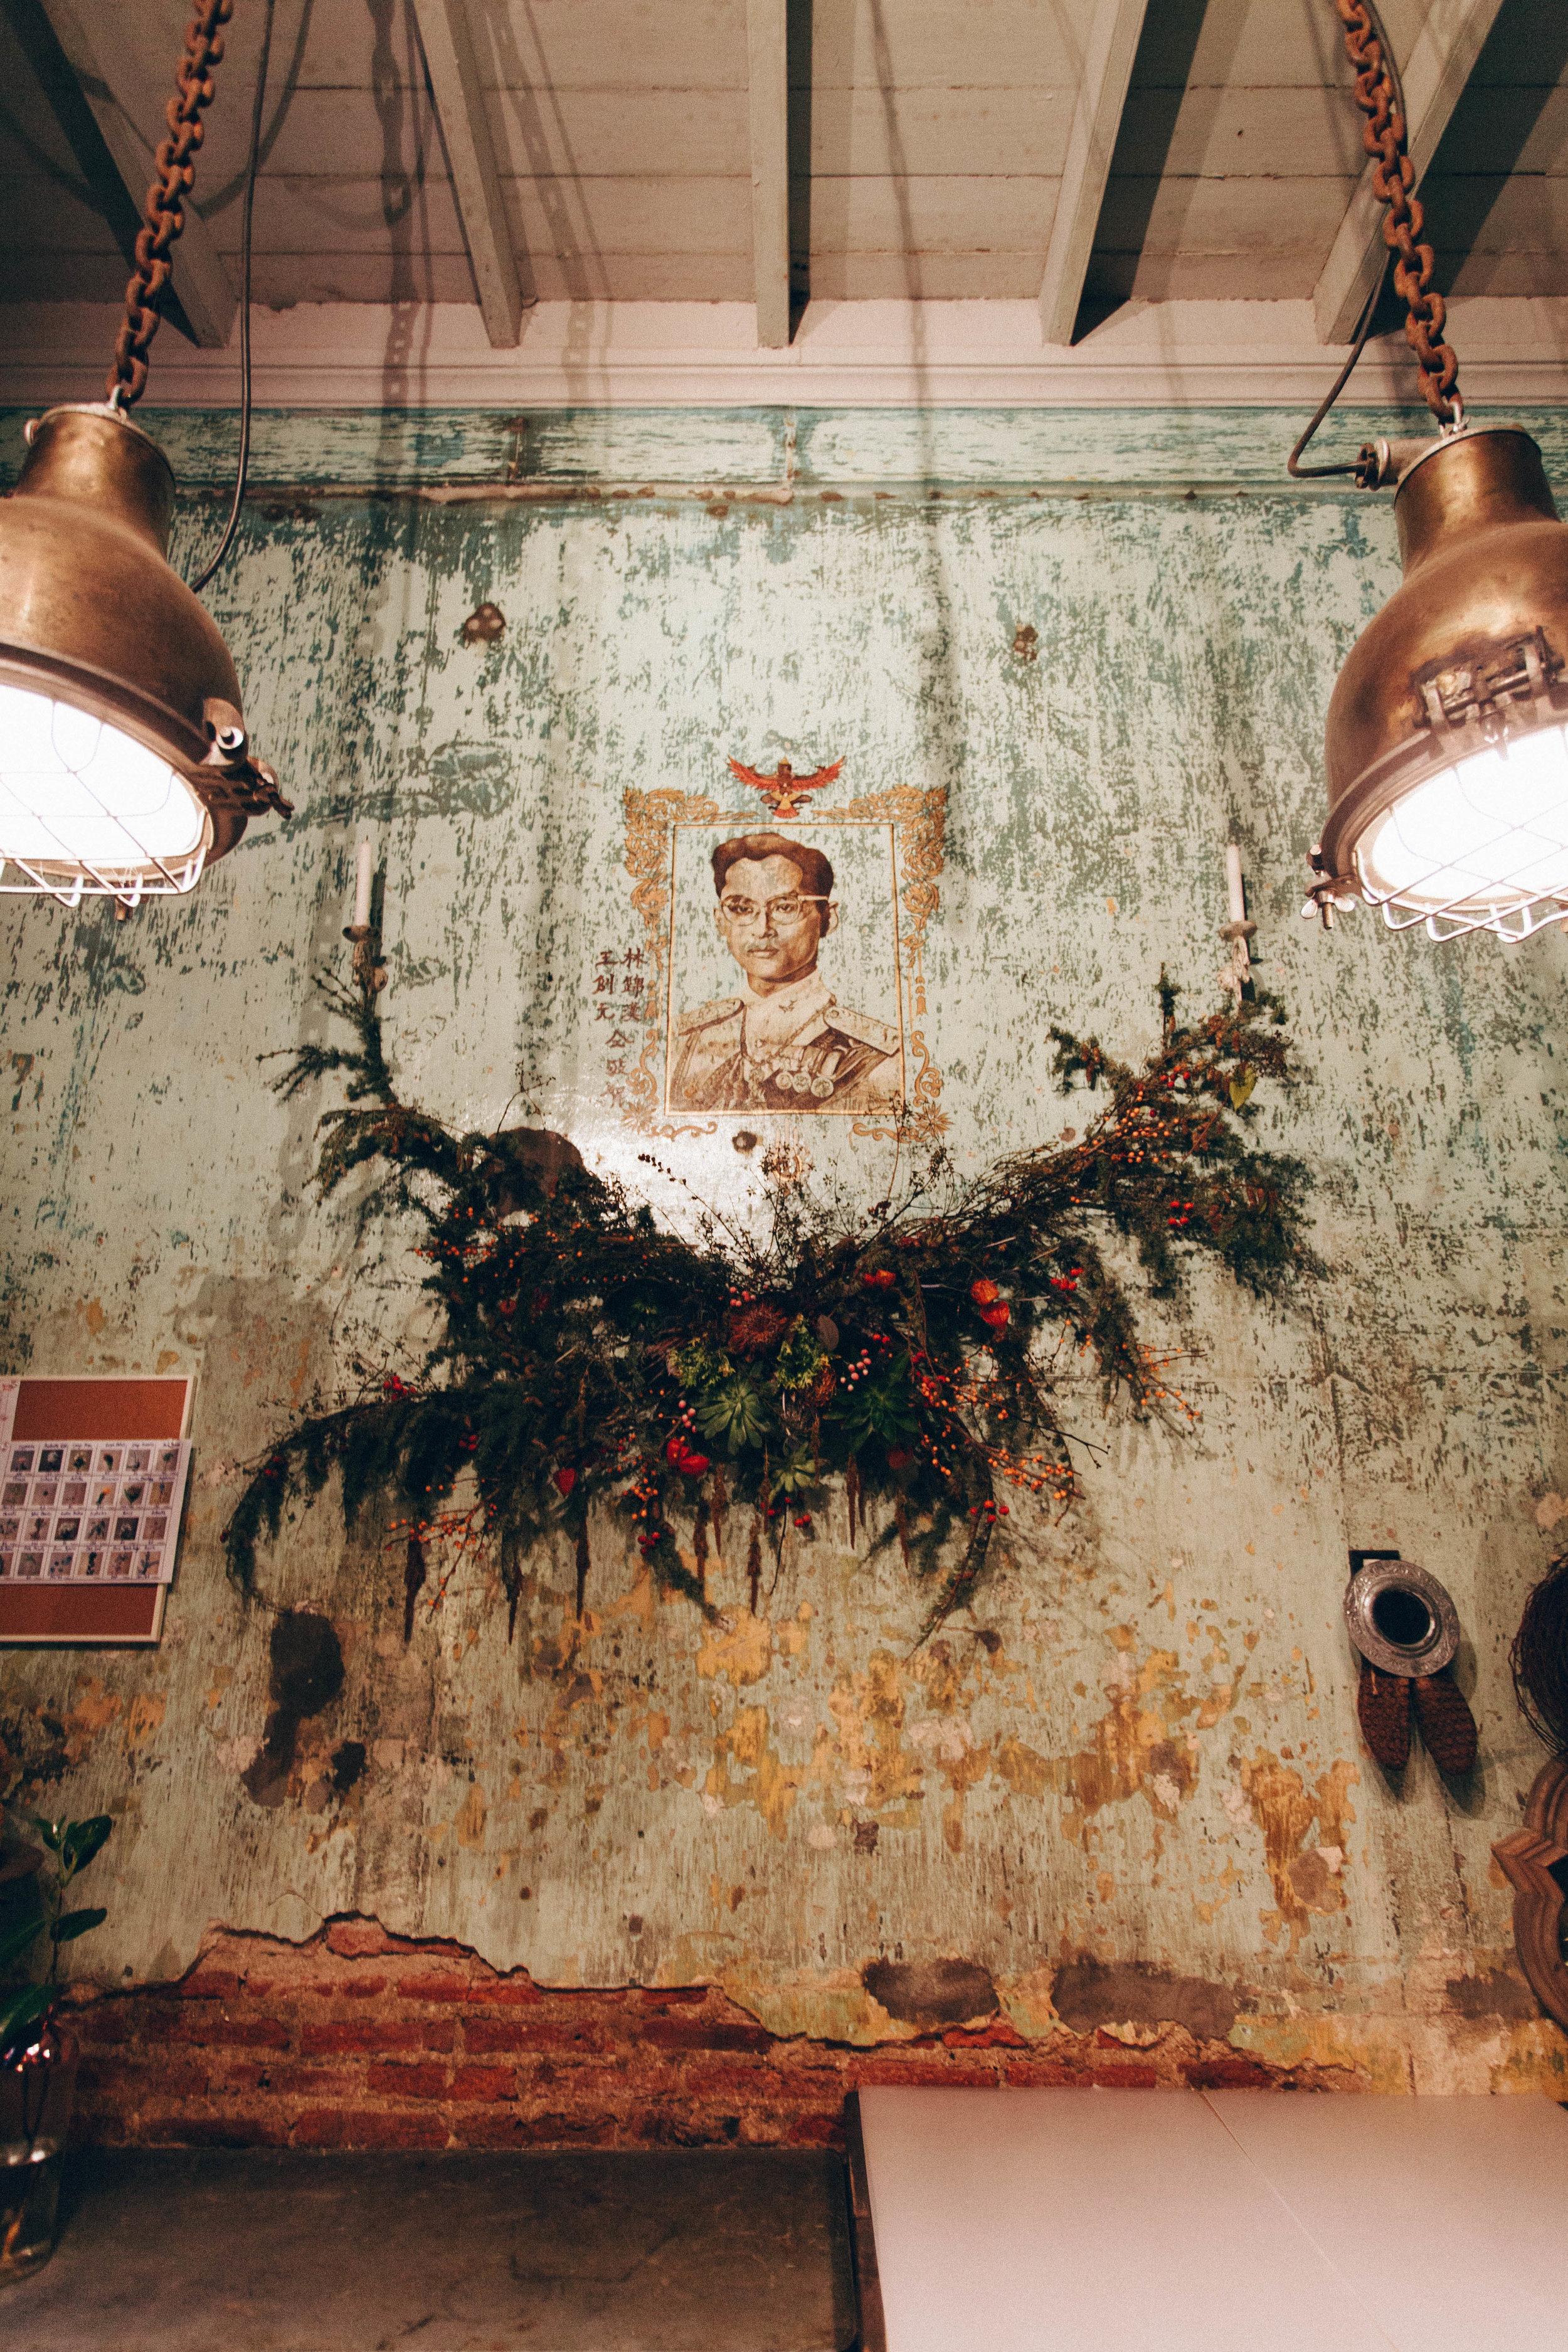 Wallflower_07.jpg